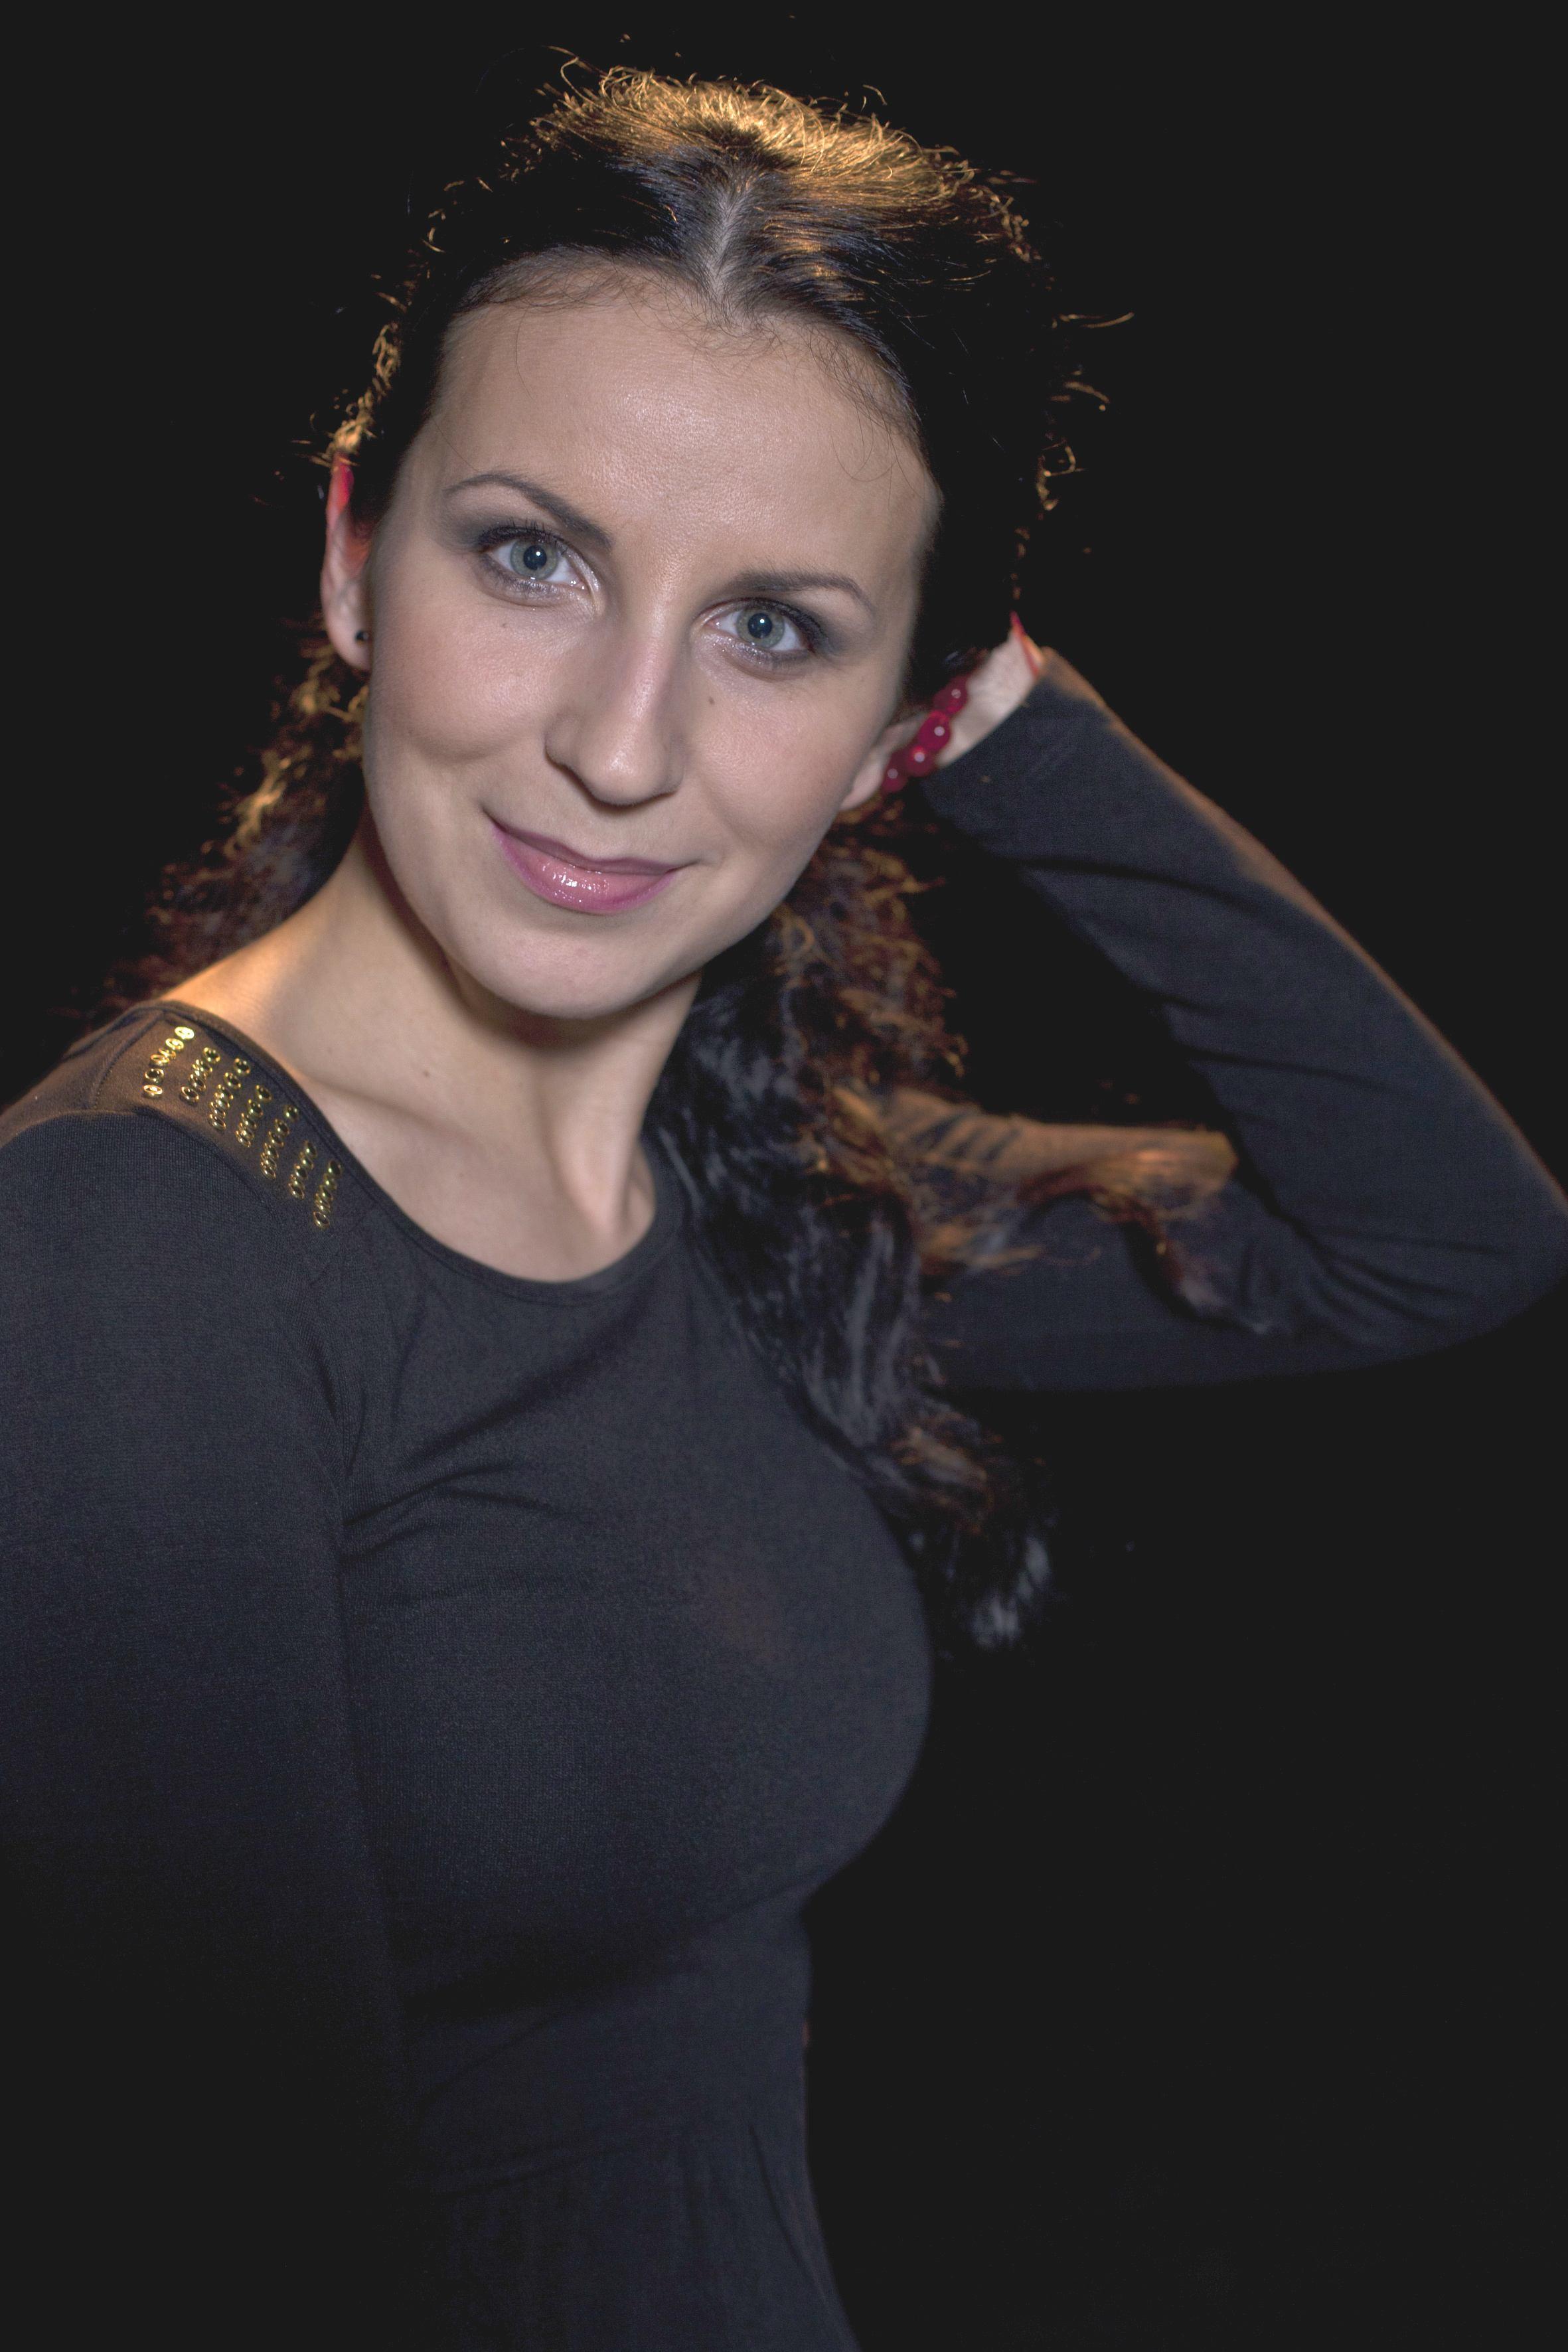 D_Vyrostek Misarova